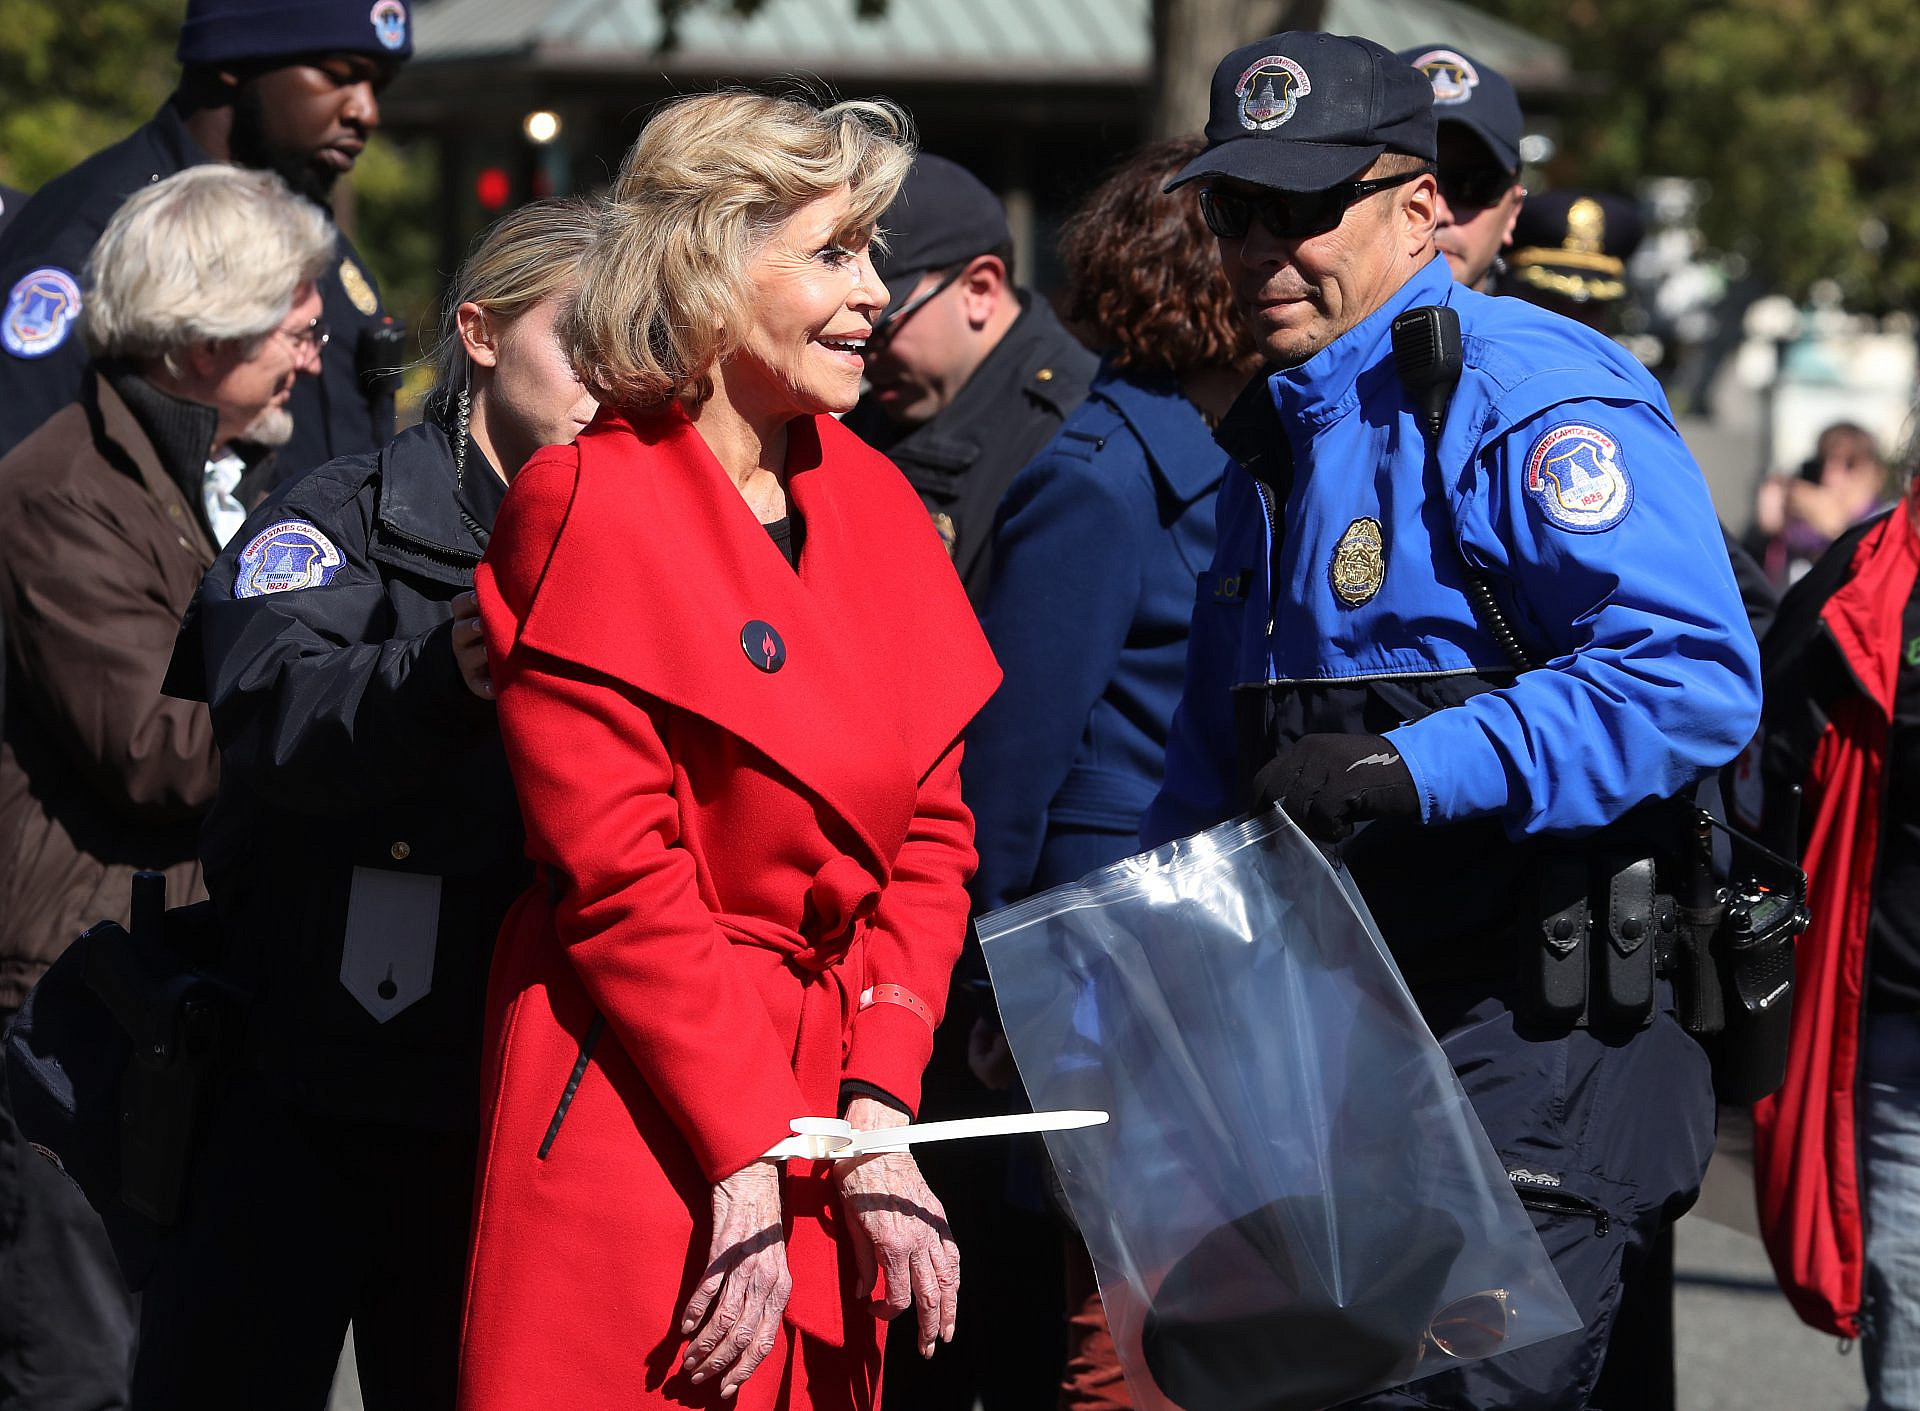 """""""זה הדבר האחרון שאני אקנה"""". ג'יין פונדה, המעיל האדום ואקססורי של אזיקונים קלאסיים (צילום: גטי אימג'ס)"""